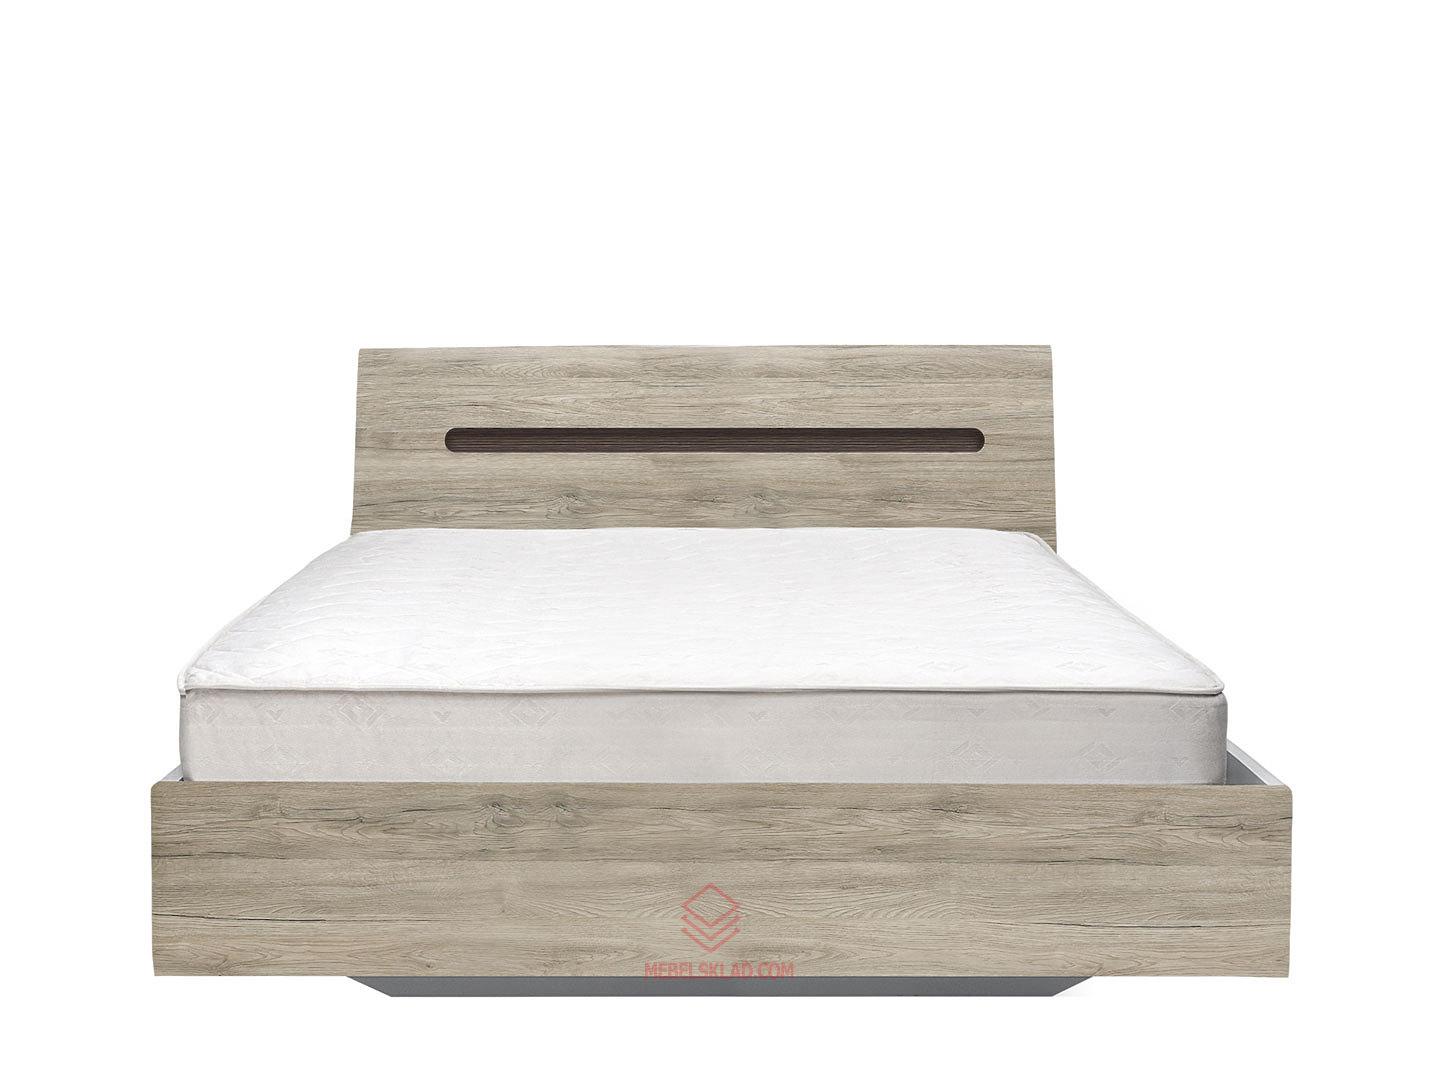 Кровать AZTECA LOZ140x200 дуб санремо с основанием БРВ